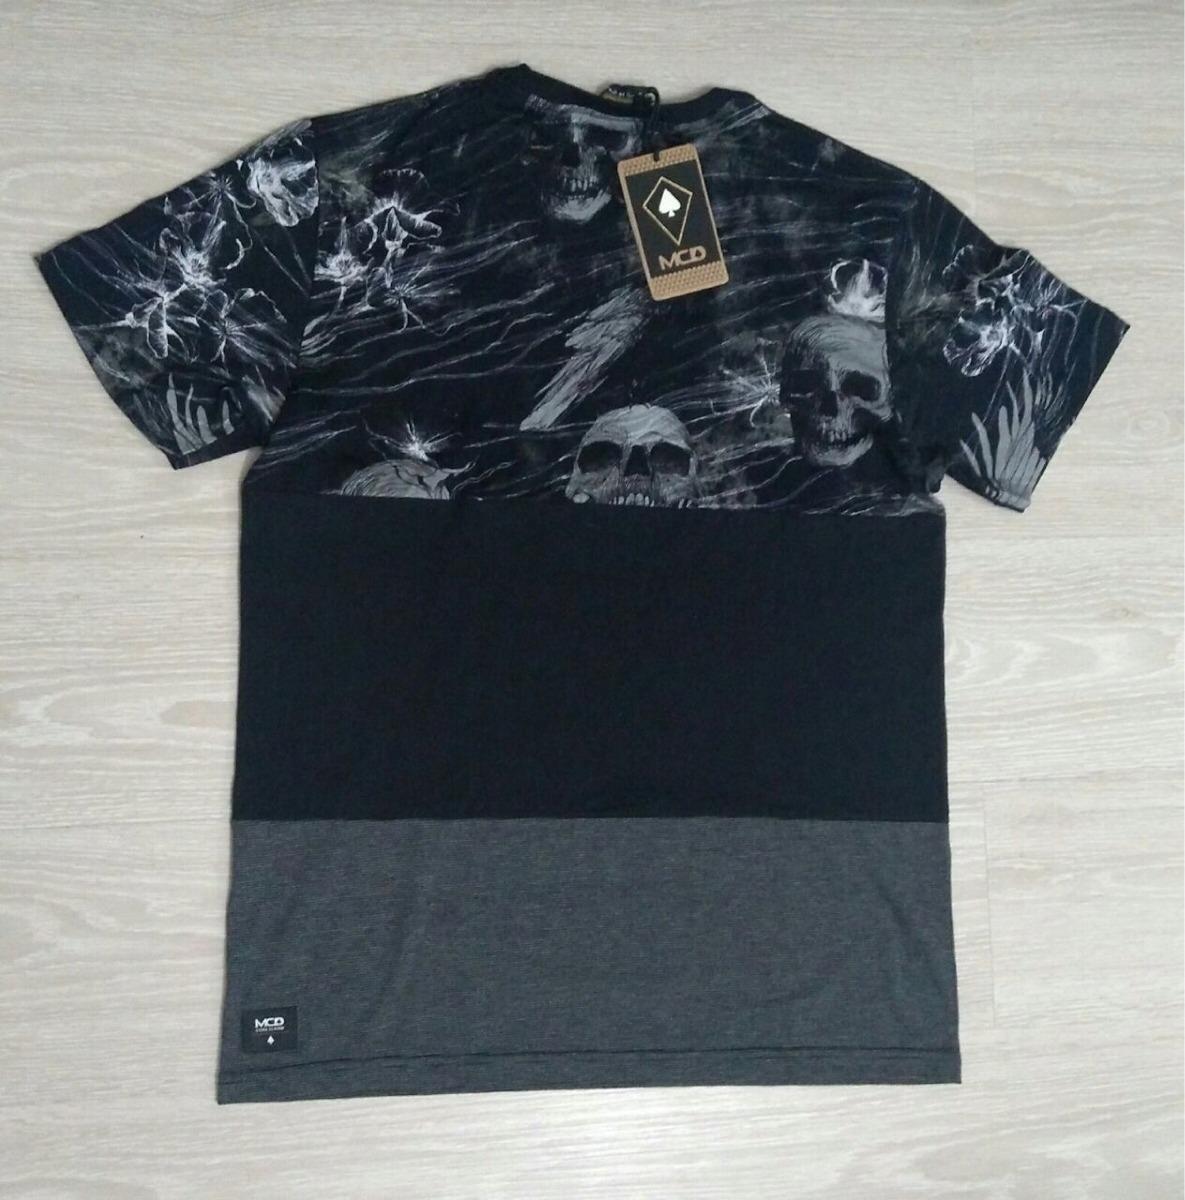 a197bcafe45e0 camiseta mcd 100% original especial . Carregando zoom.